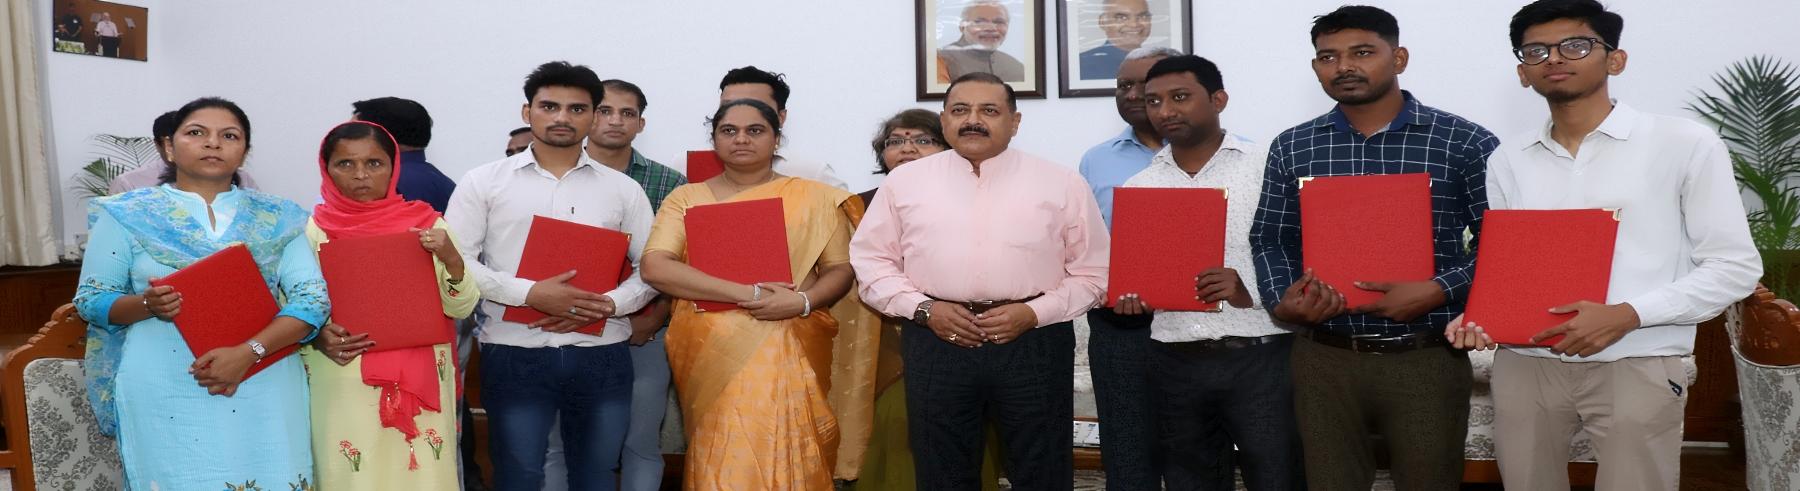 दिनांक 01.08.2019 को नौ व्यक्तियों को माननीय कार्मिक राज्य मंत्री डा0 जितेंद्र सिंह के द्वारा अनुकम्पा के आधार पर नियुक्ति के प्रस्ताव दिए गये